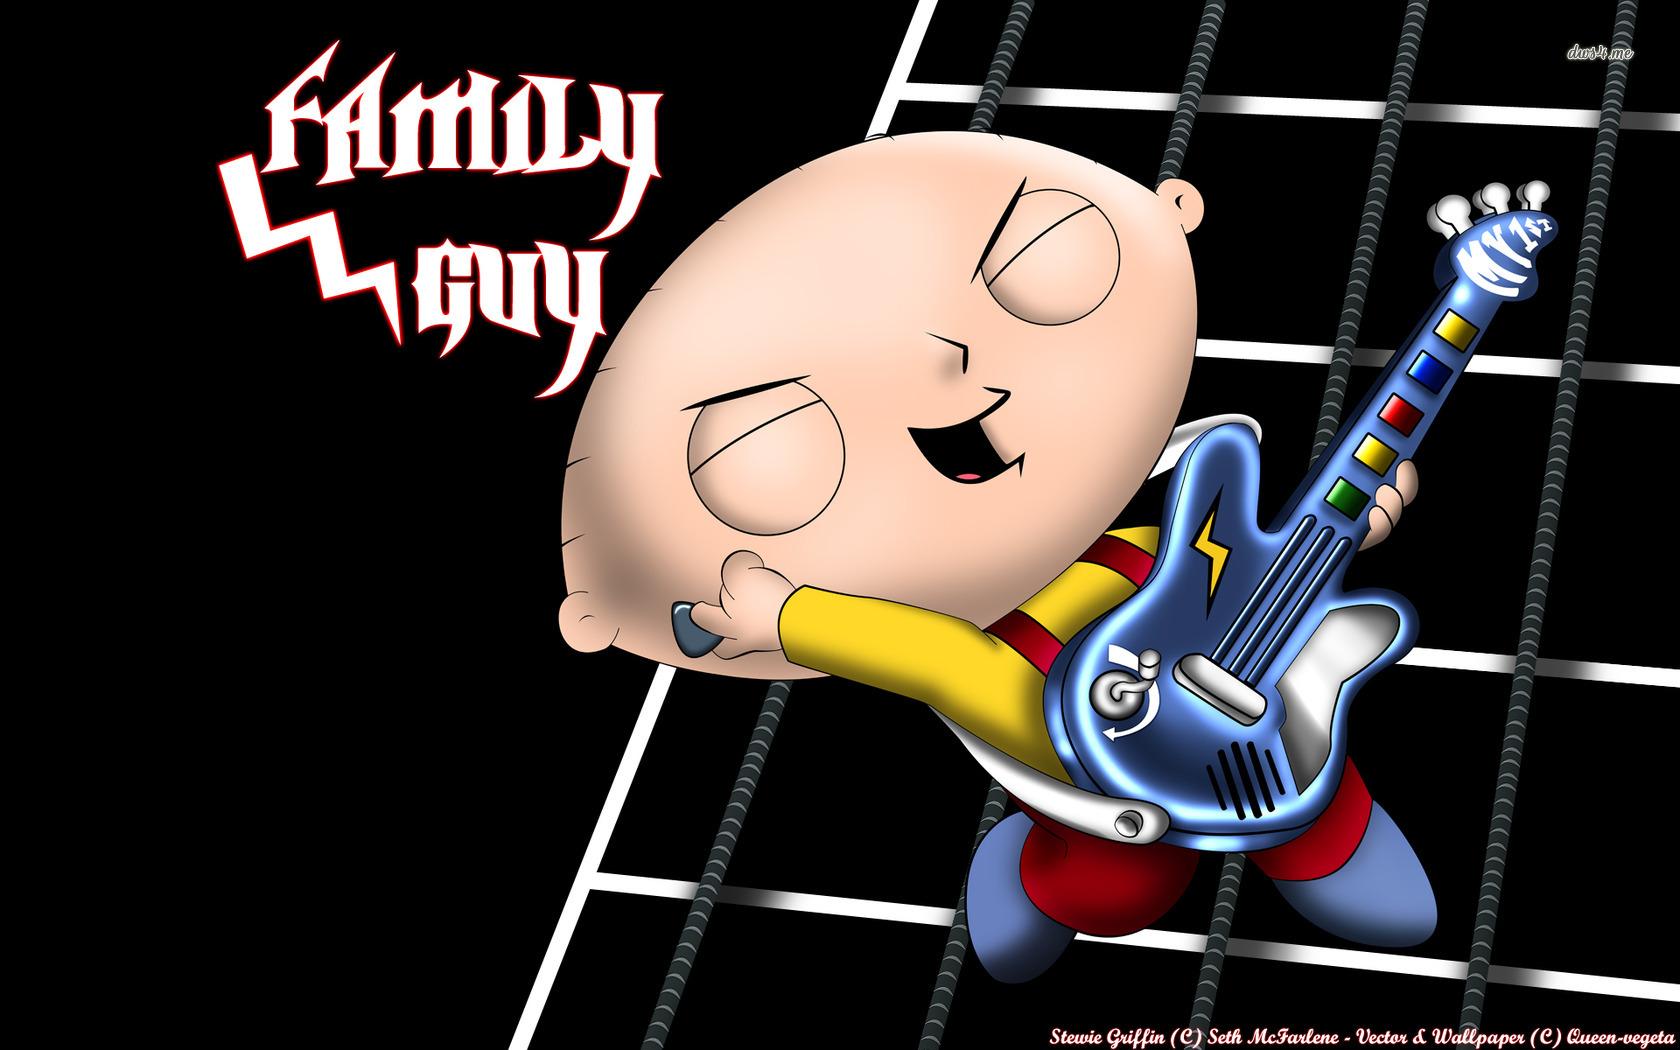 Stewie Griffin wallpaper   Cartoon wallpapers   526 1680x1050